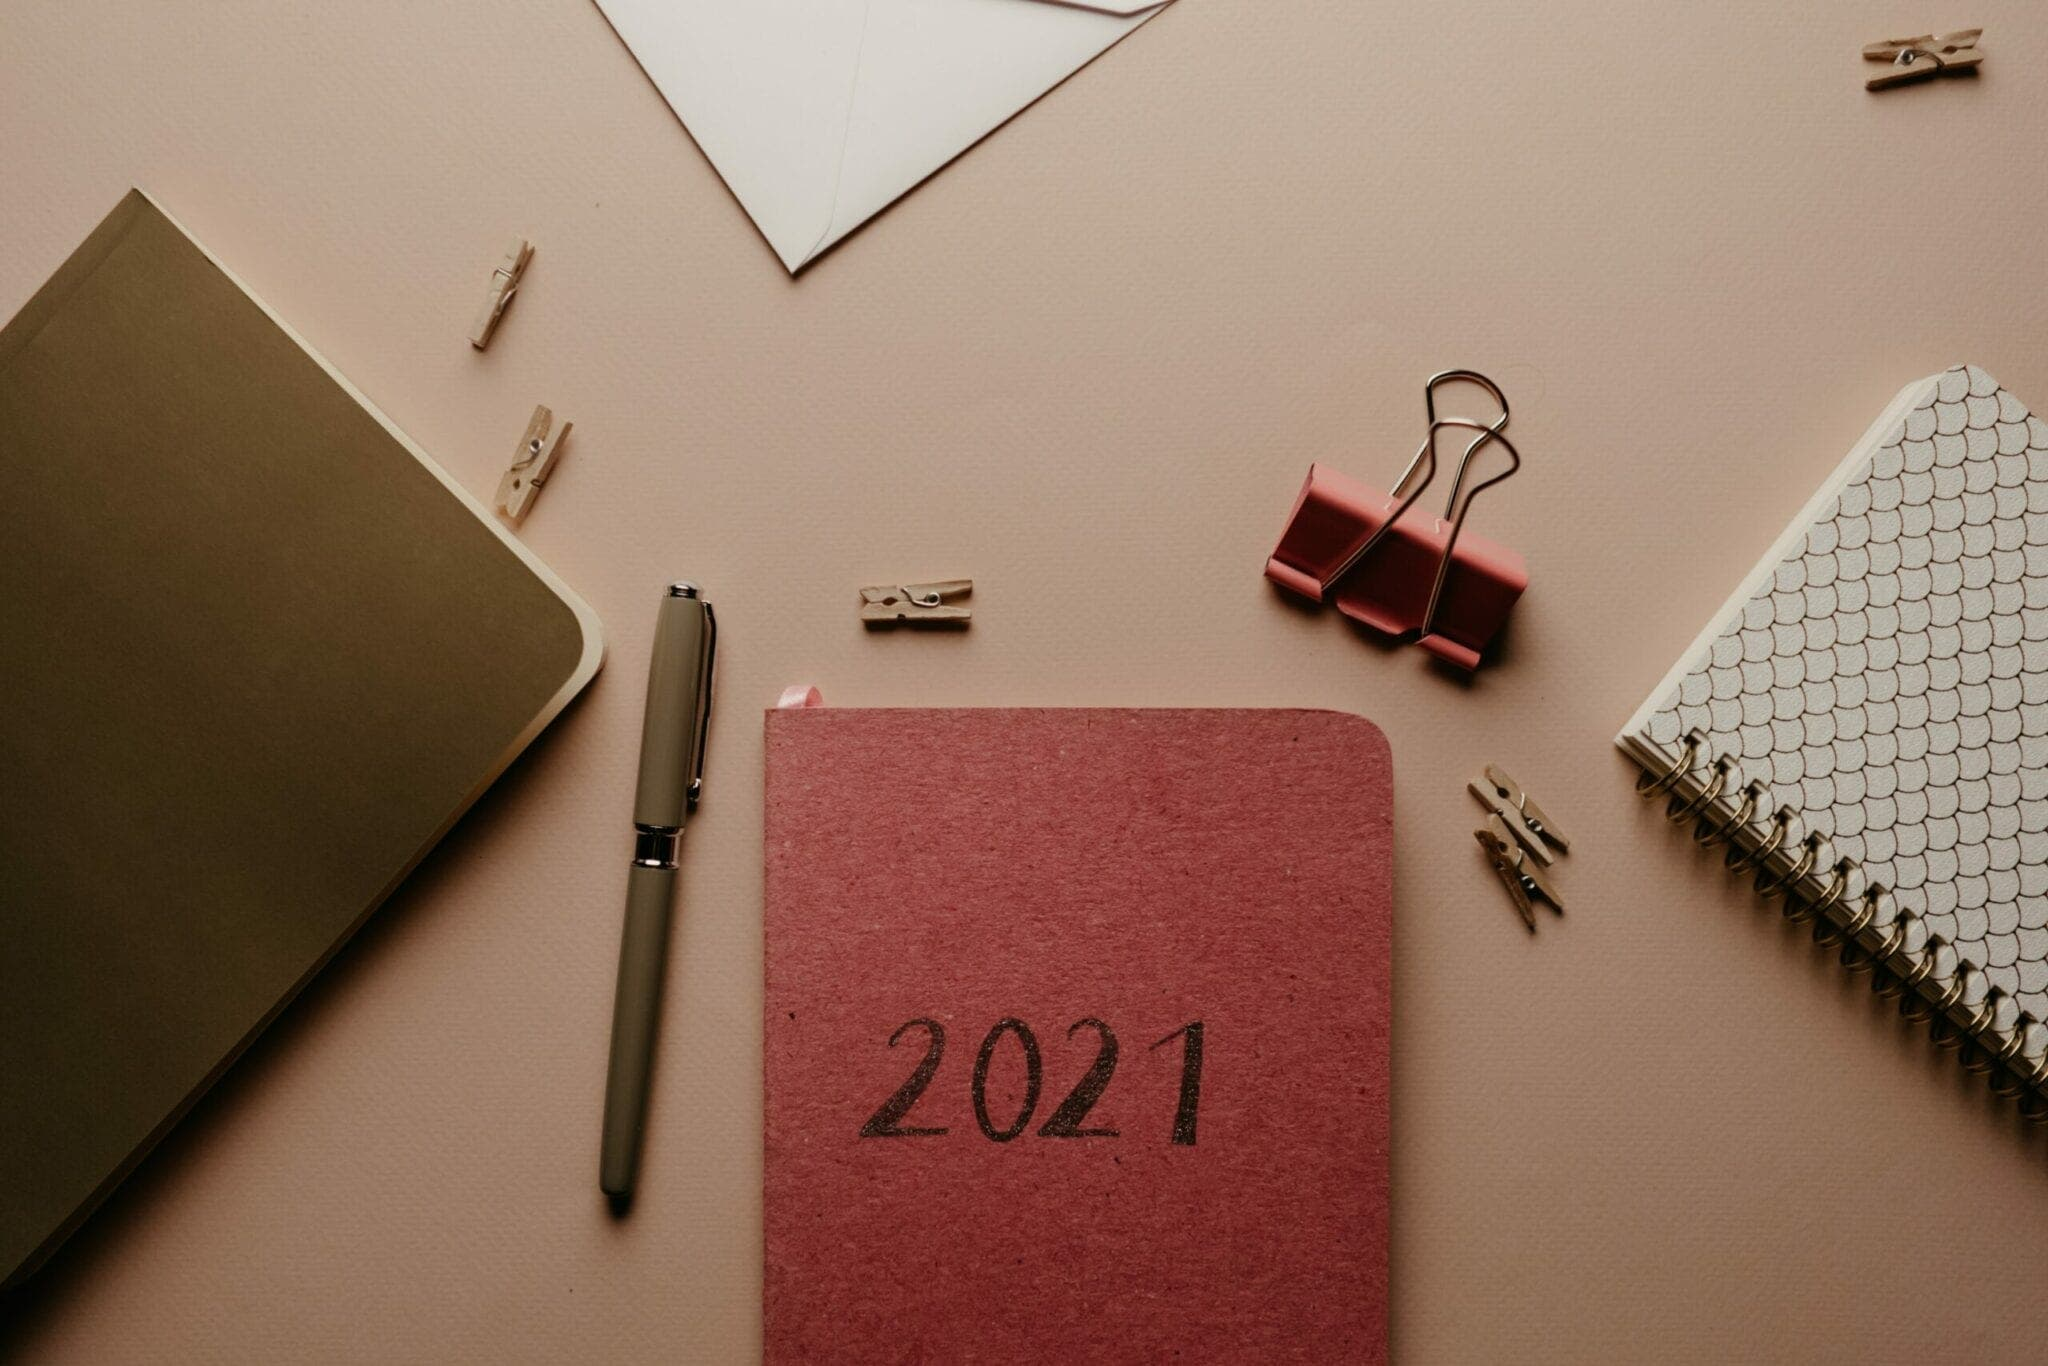 Nouvel An 2021 : Un Nouveau Départ Pour Le Monde ?